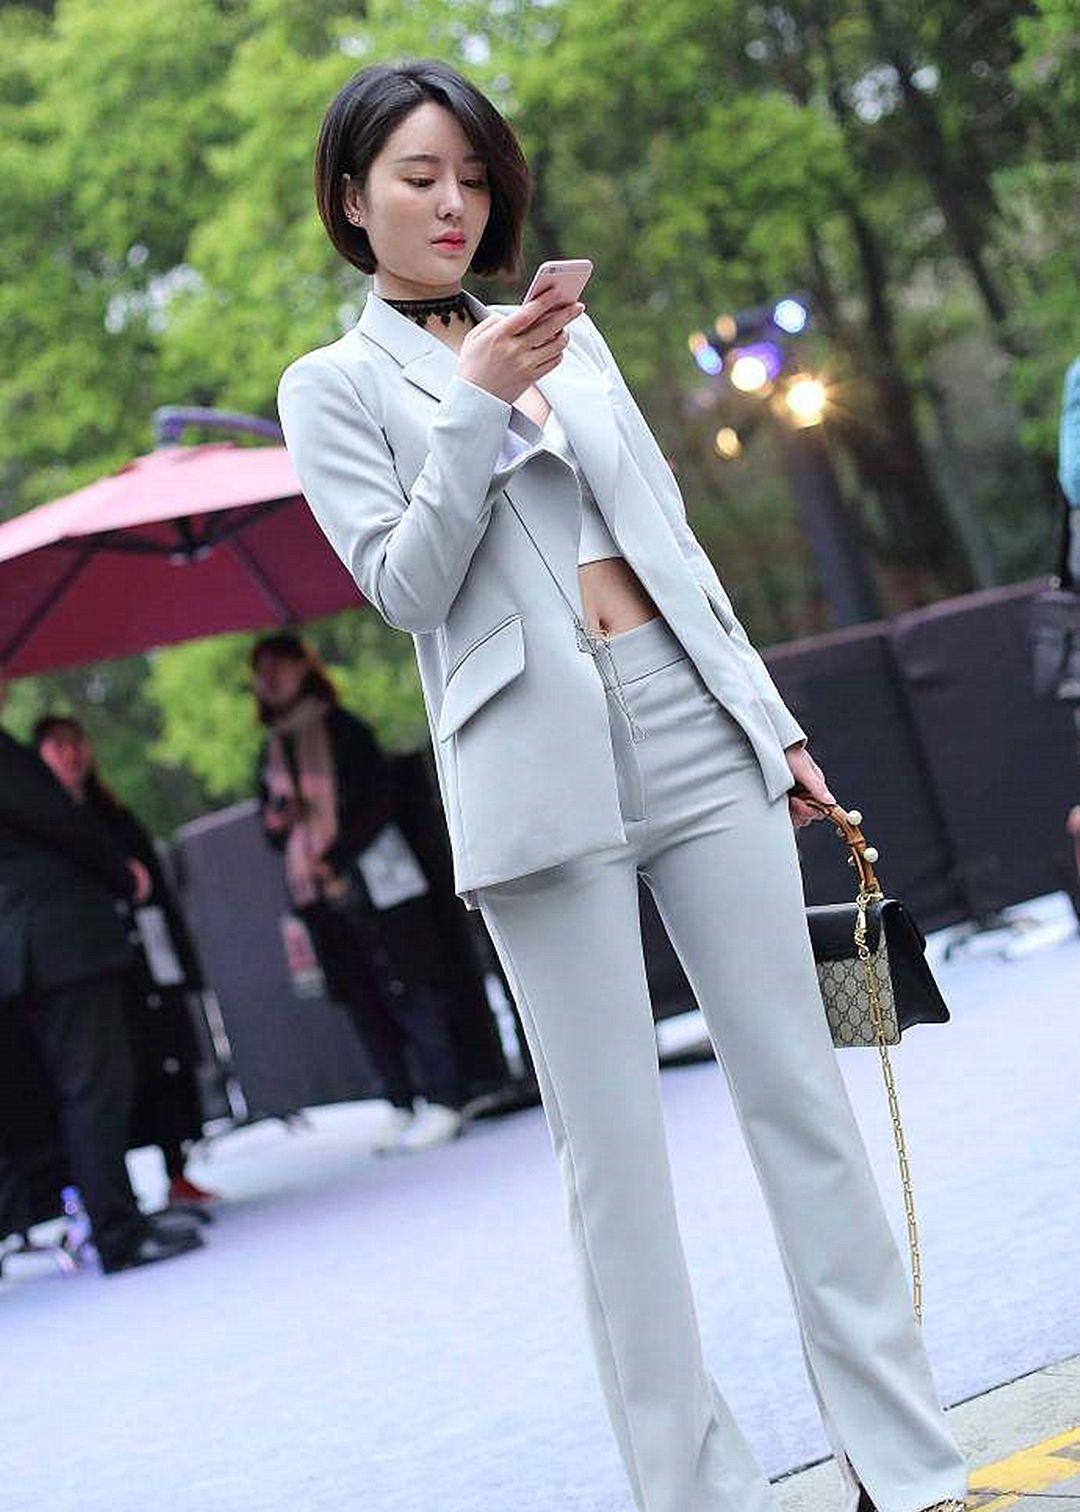 曾是王思聪女友,今参加英国皇家赛马会,穿小白裙戴礼帽优雅迷人